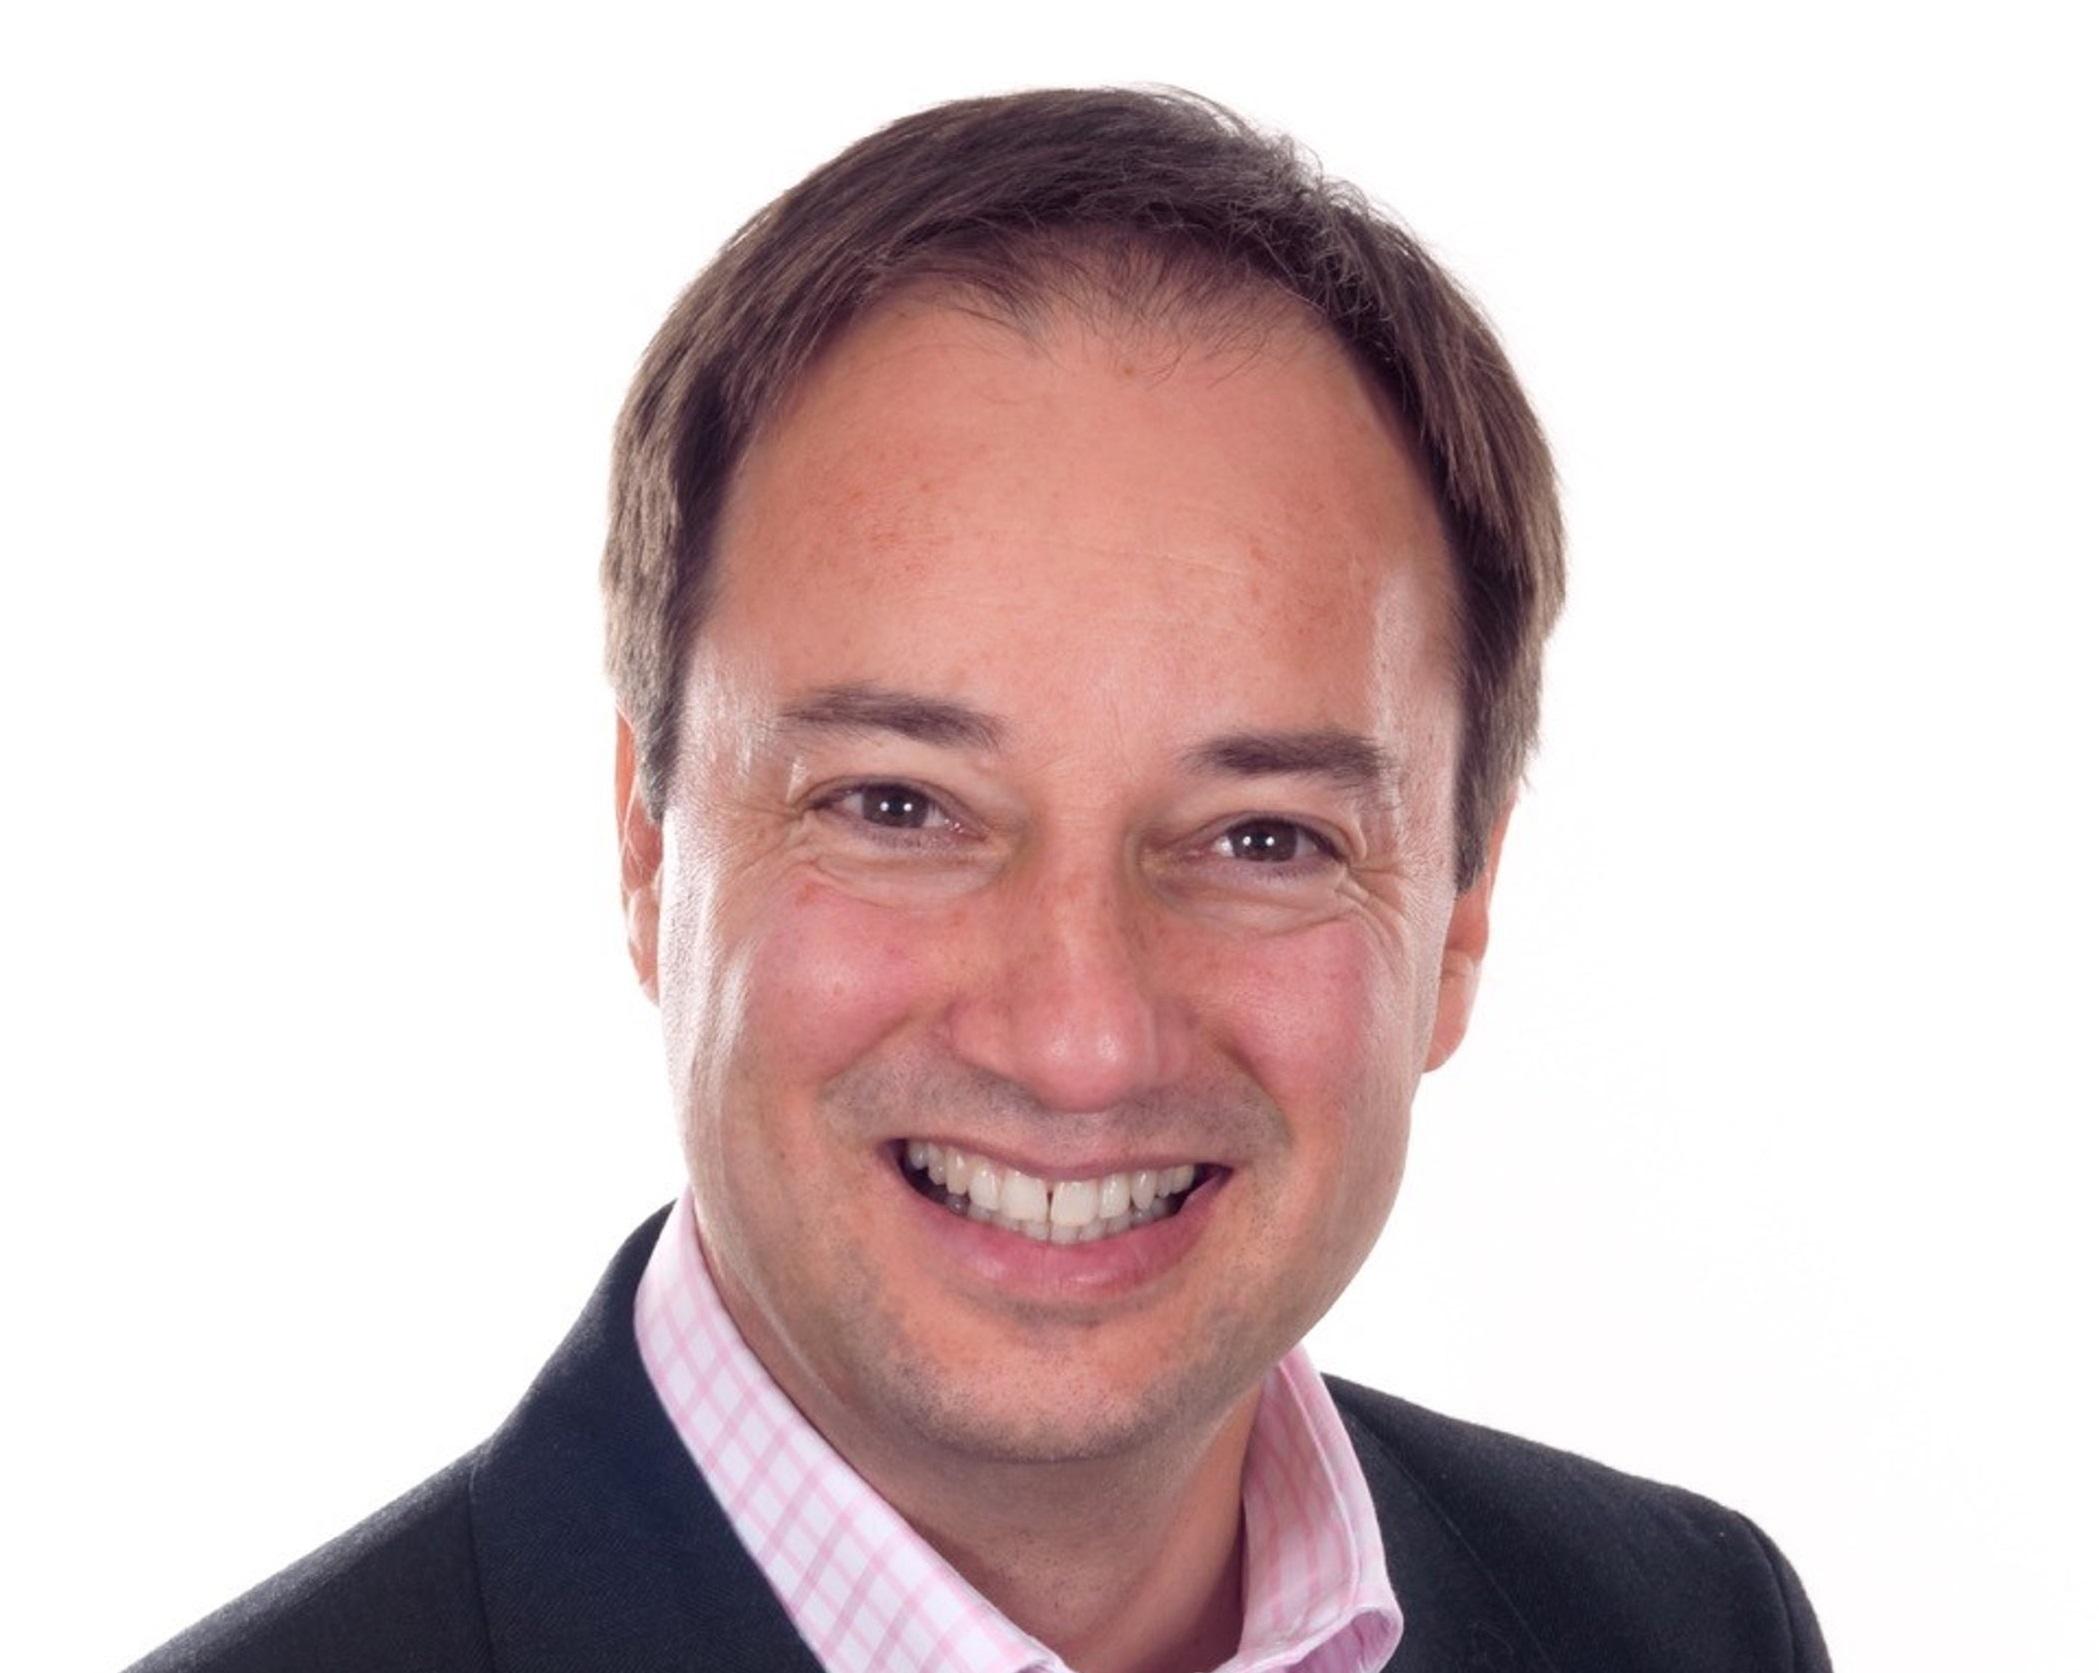 Jonathan Passmore